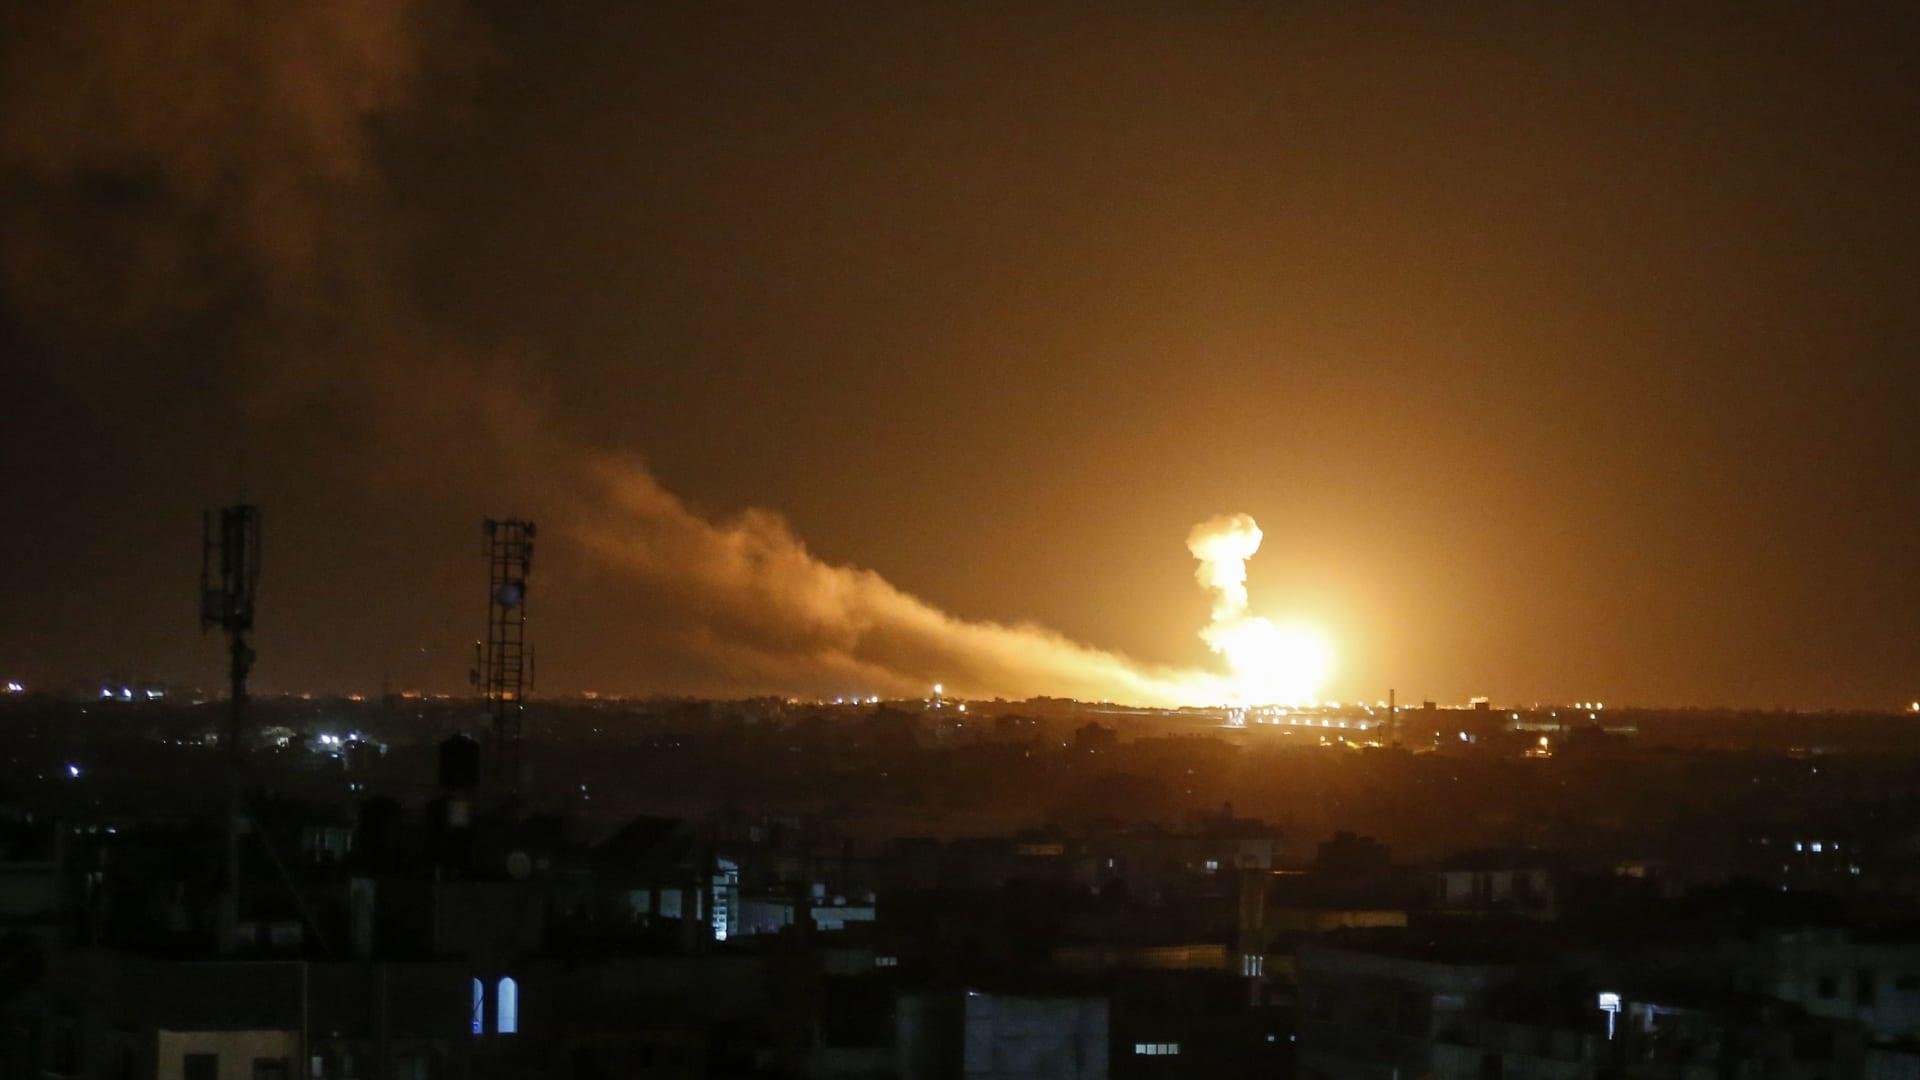 """""""ردًا على البالونات الحارقة"""".. الجيش الإسرائيلي يقصف أهداف لحماس في غزة"""